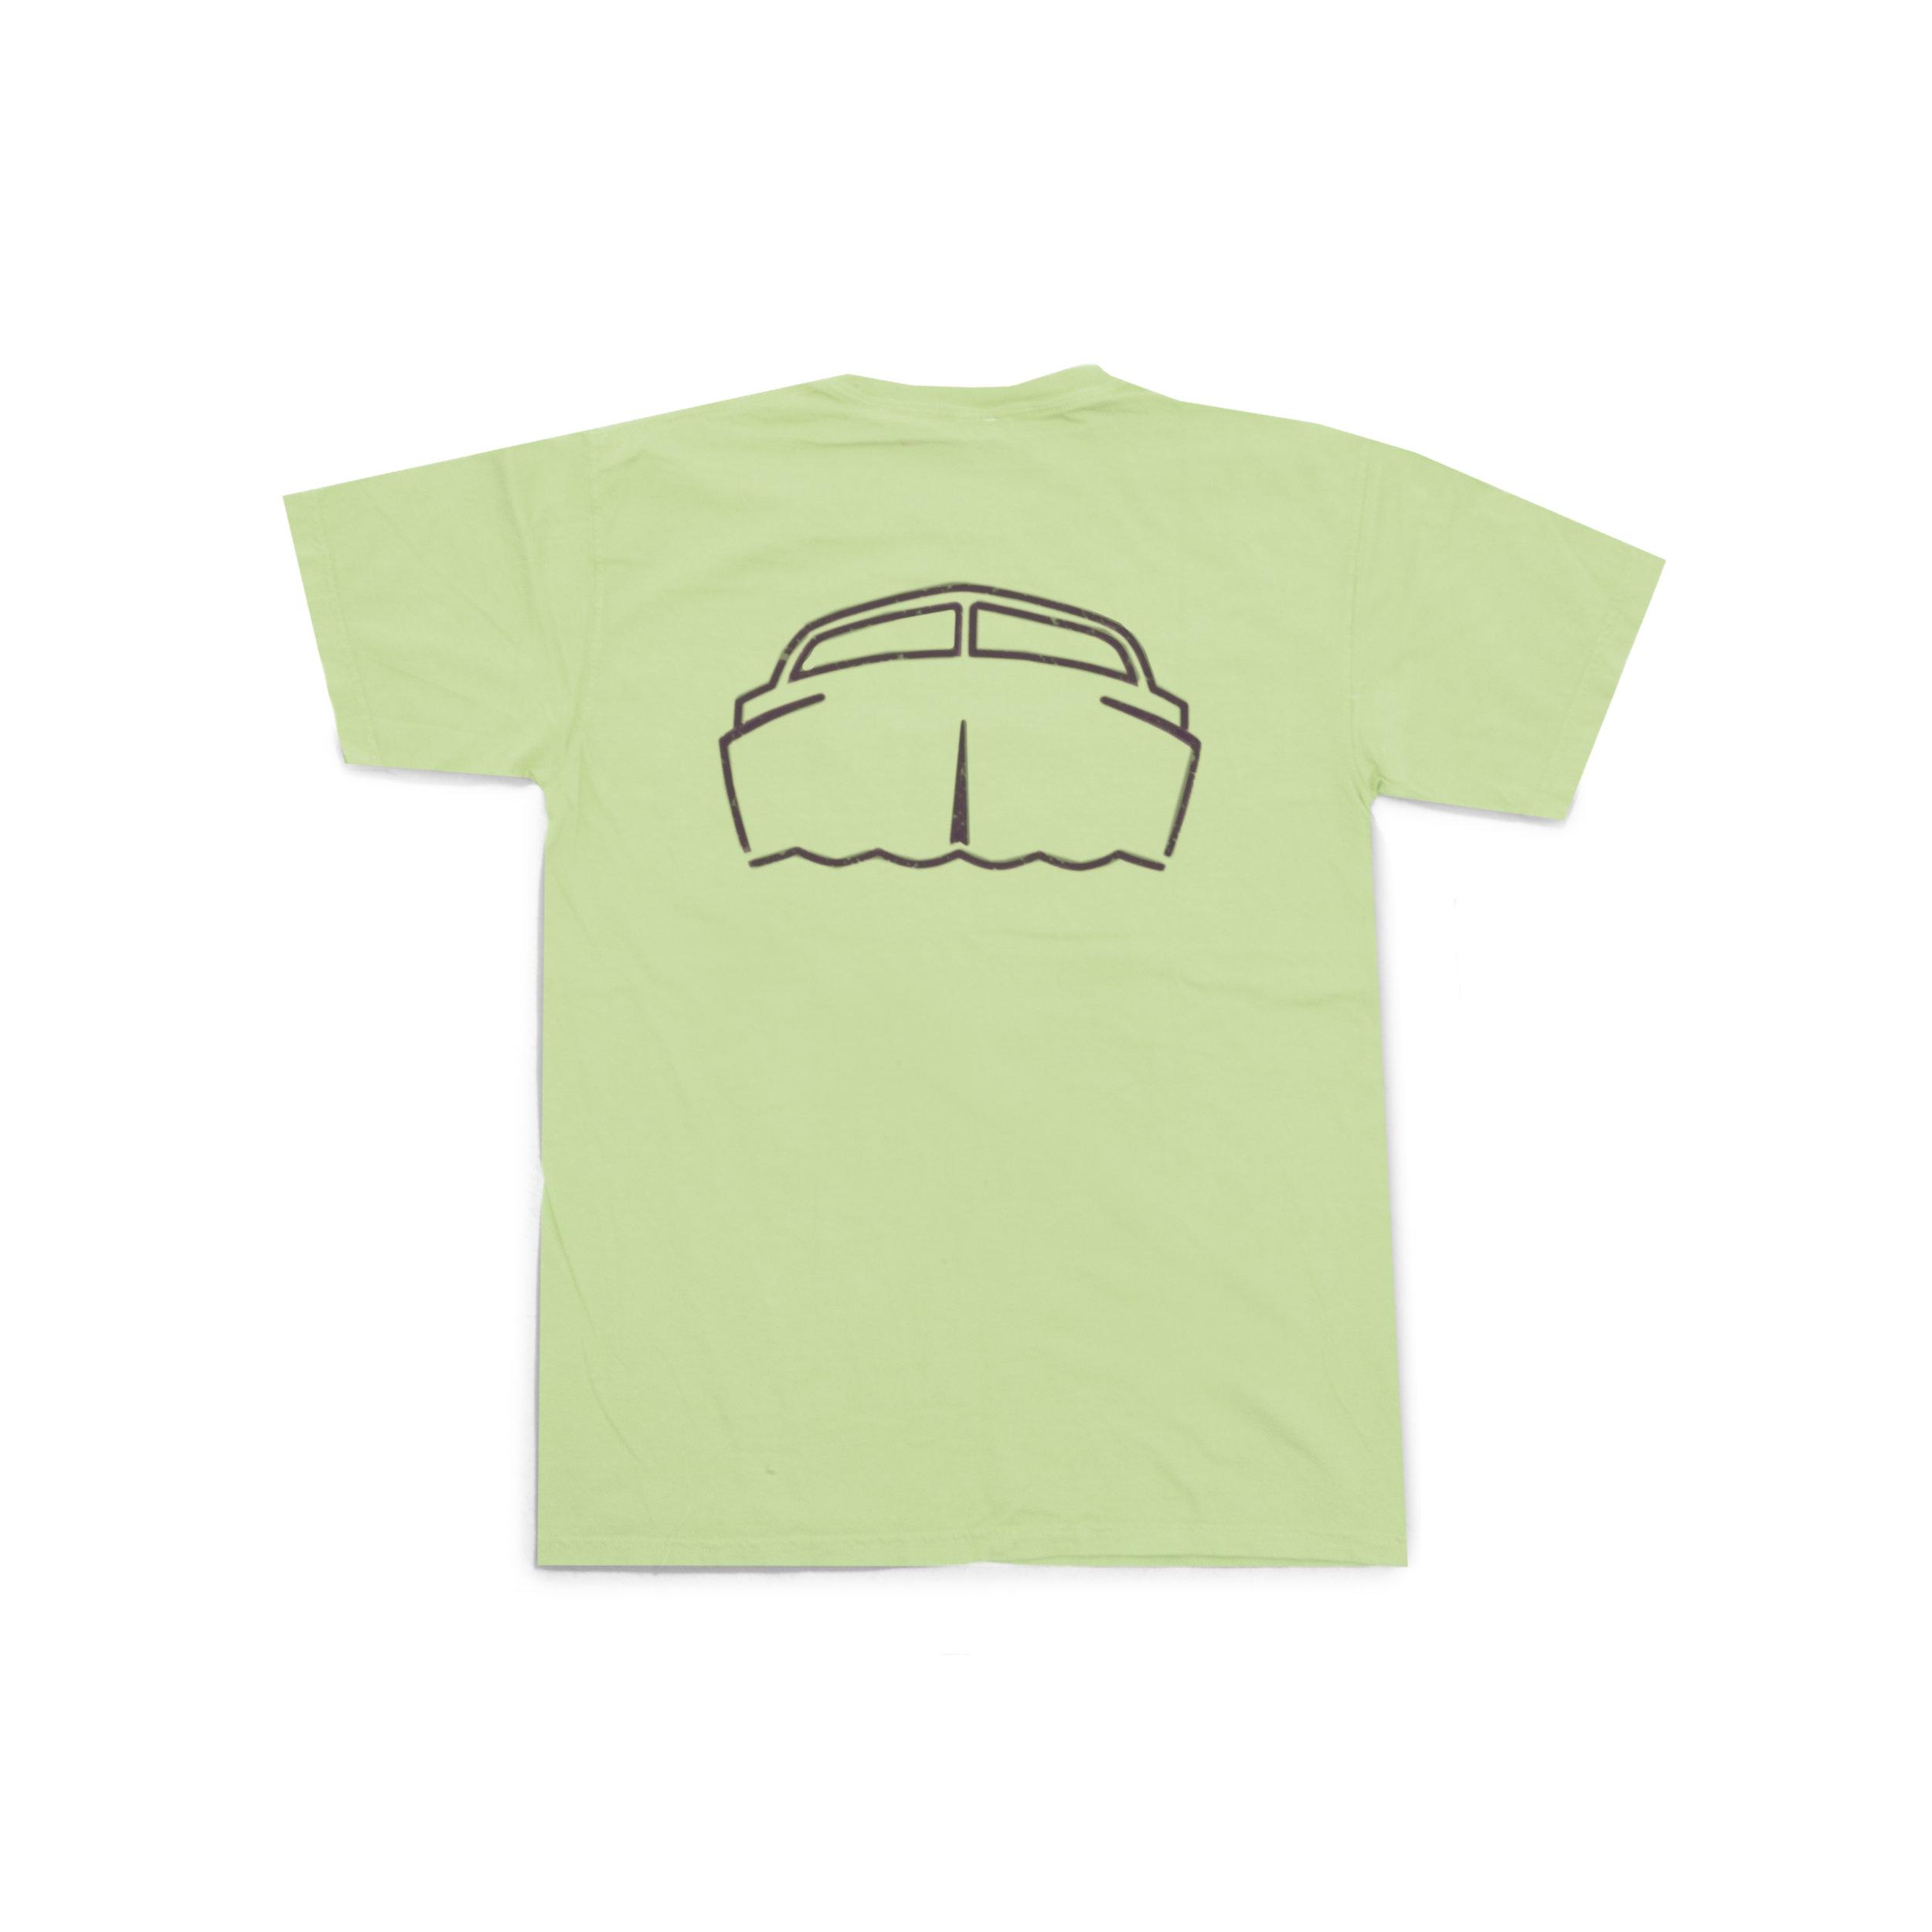 99cabe03 85 Miles Short-Sleeve Vintage Boat Pocket T-Shirt - Celadon ...